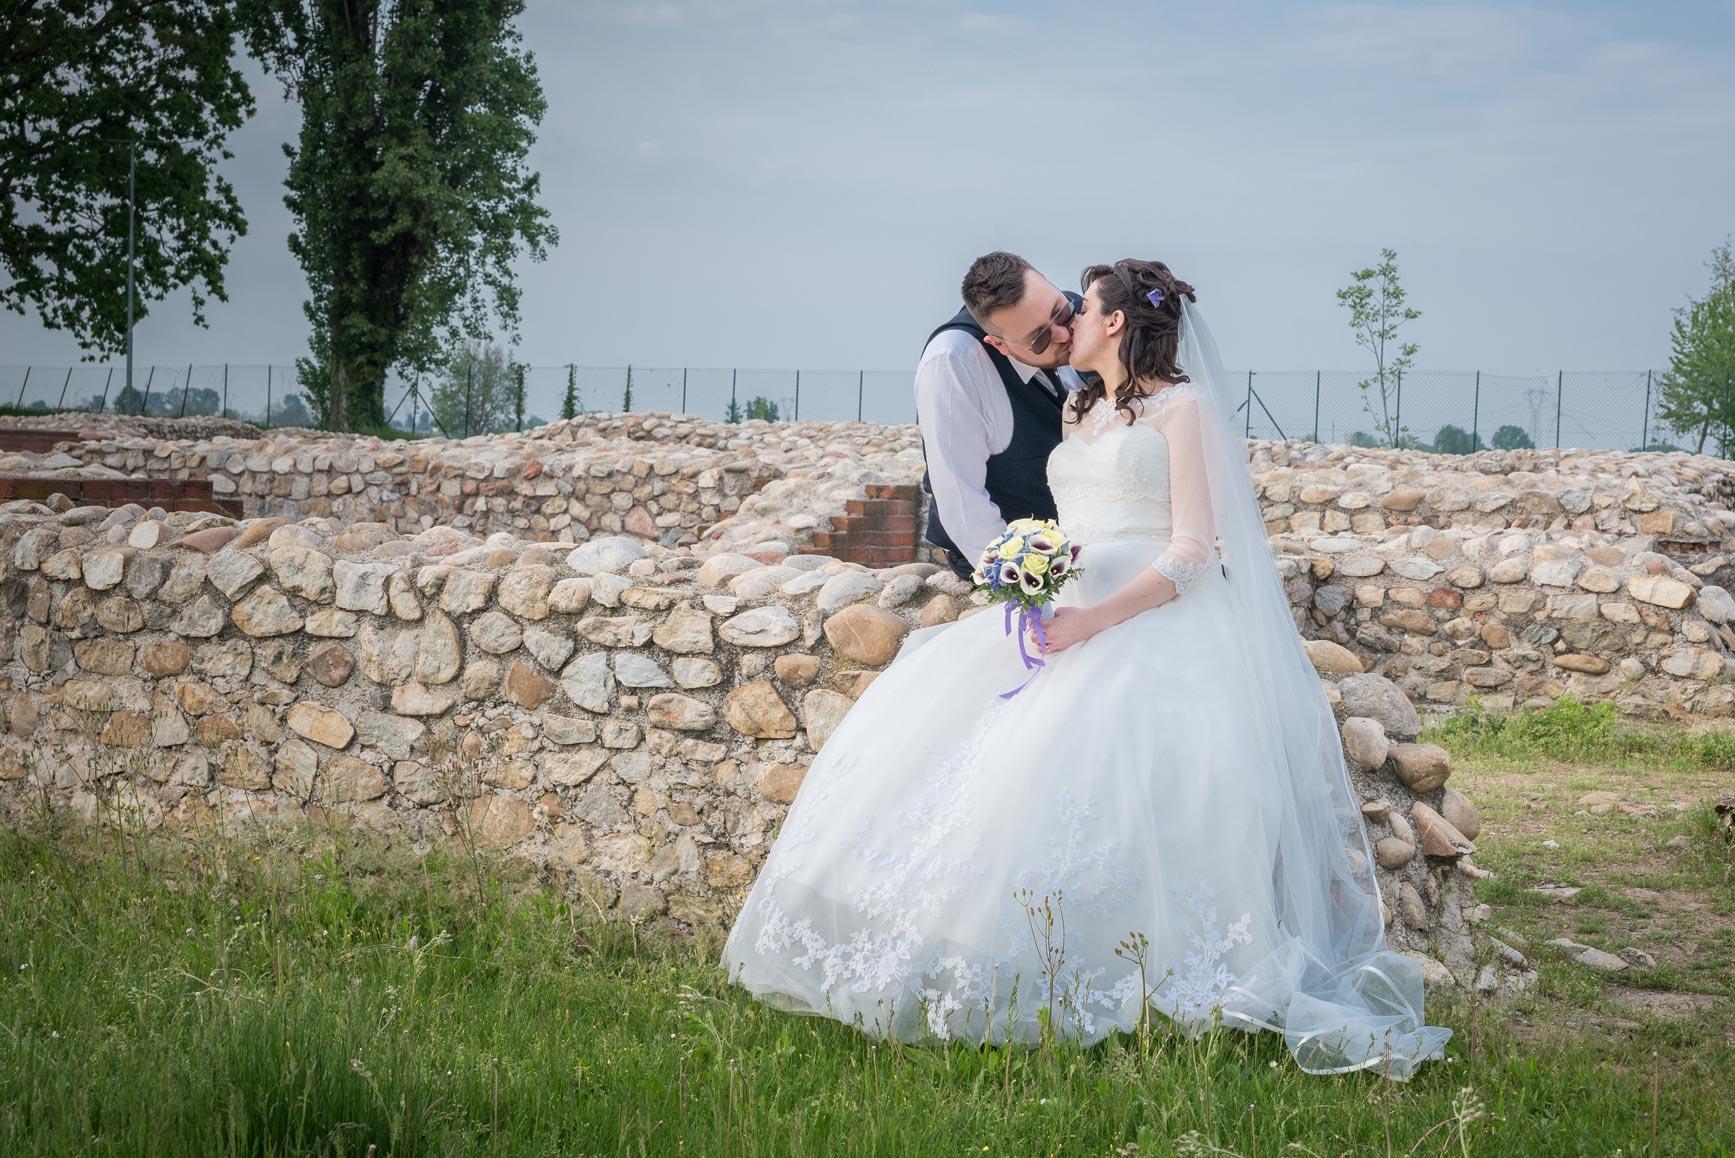 Matrimonio a Narzole Lorenza Diego - DSC 3299 - Fotografie matrimonio Resti Romani - Fotografie matrimonio Resti Romani